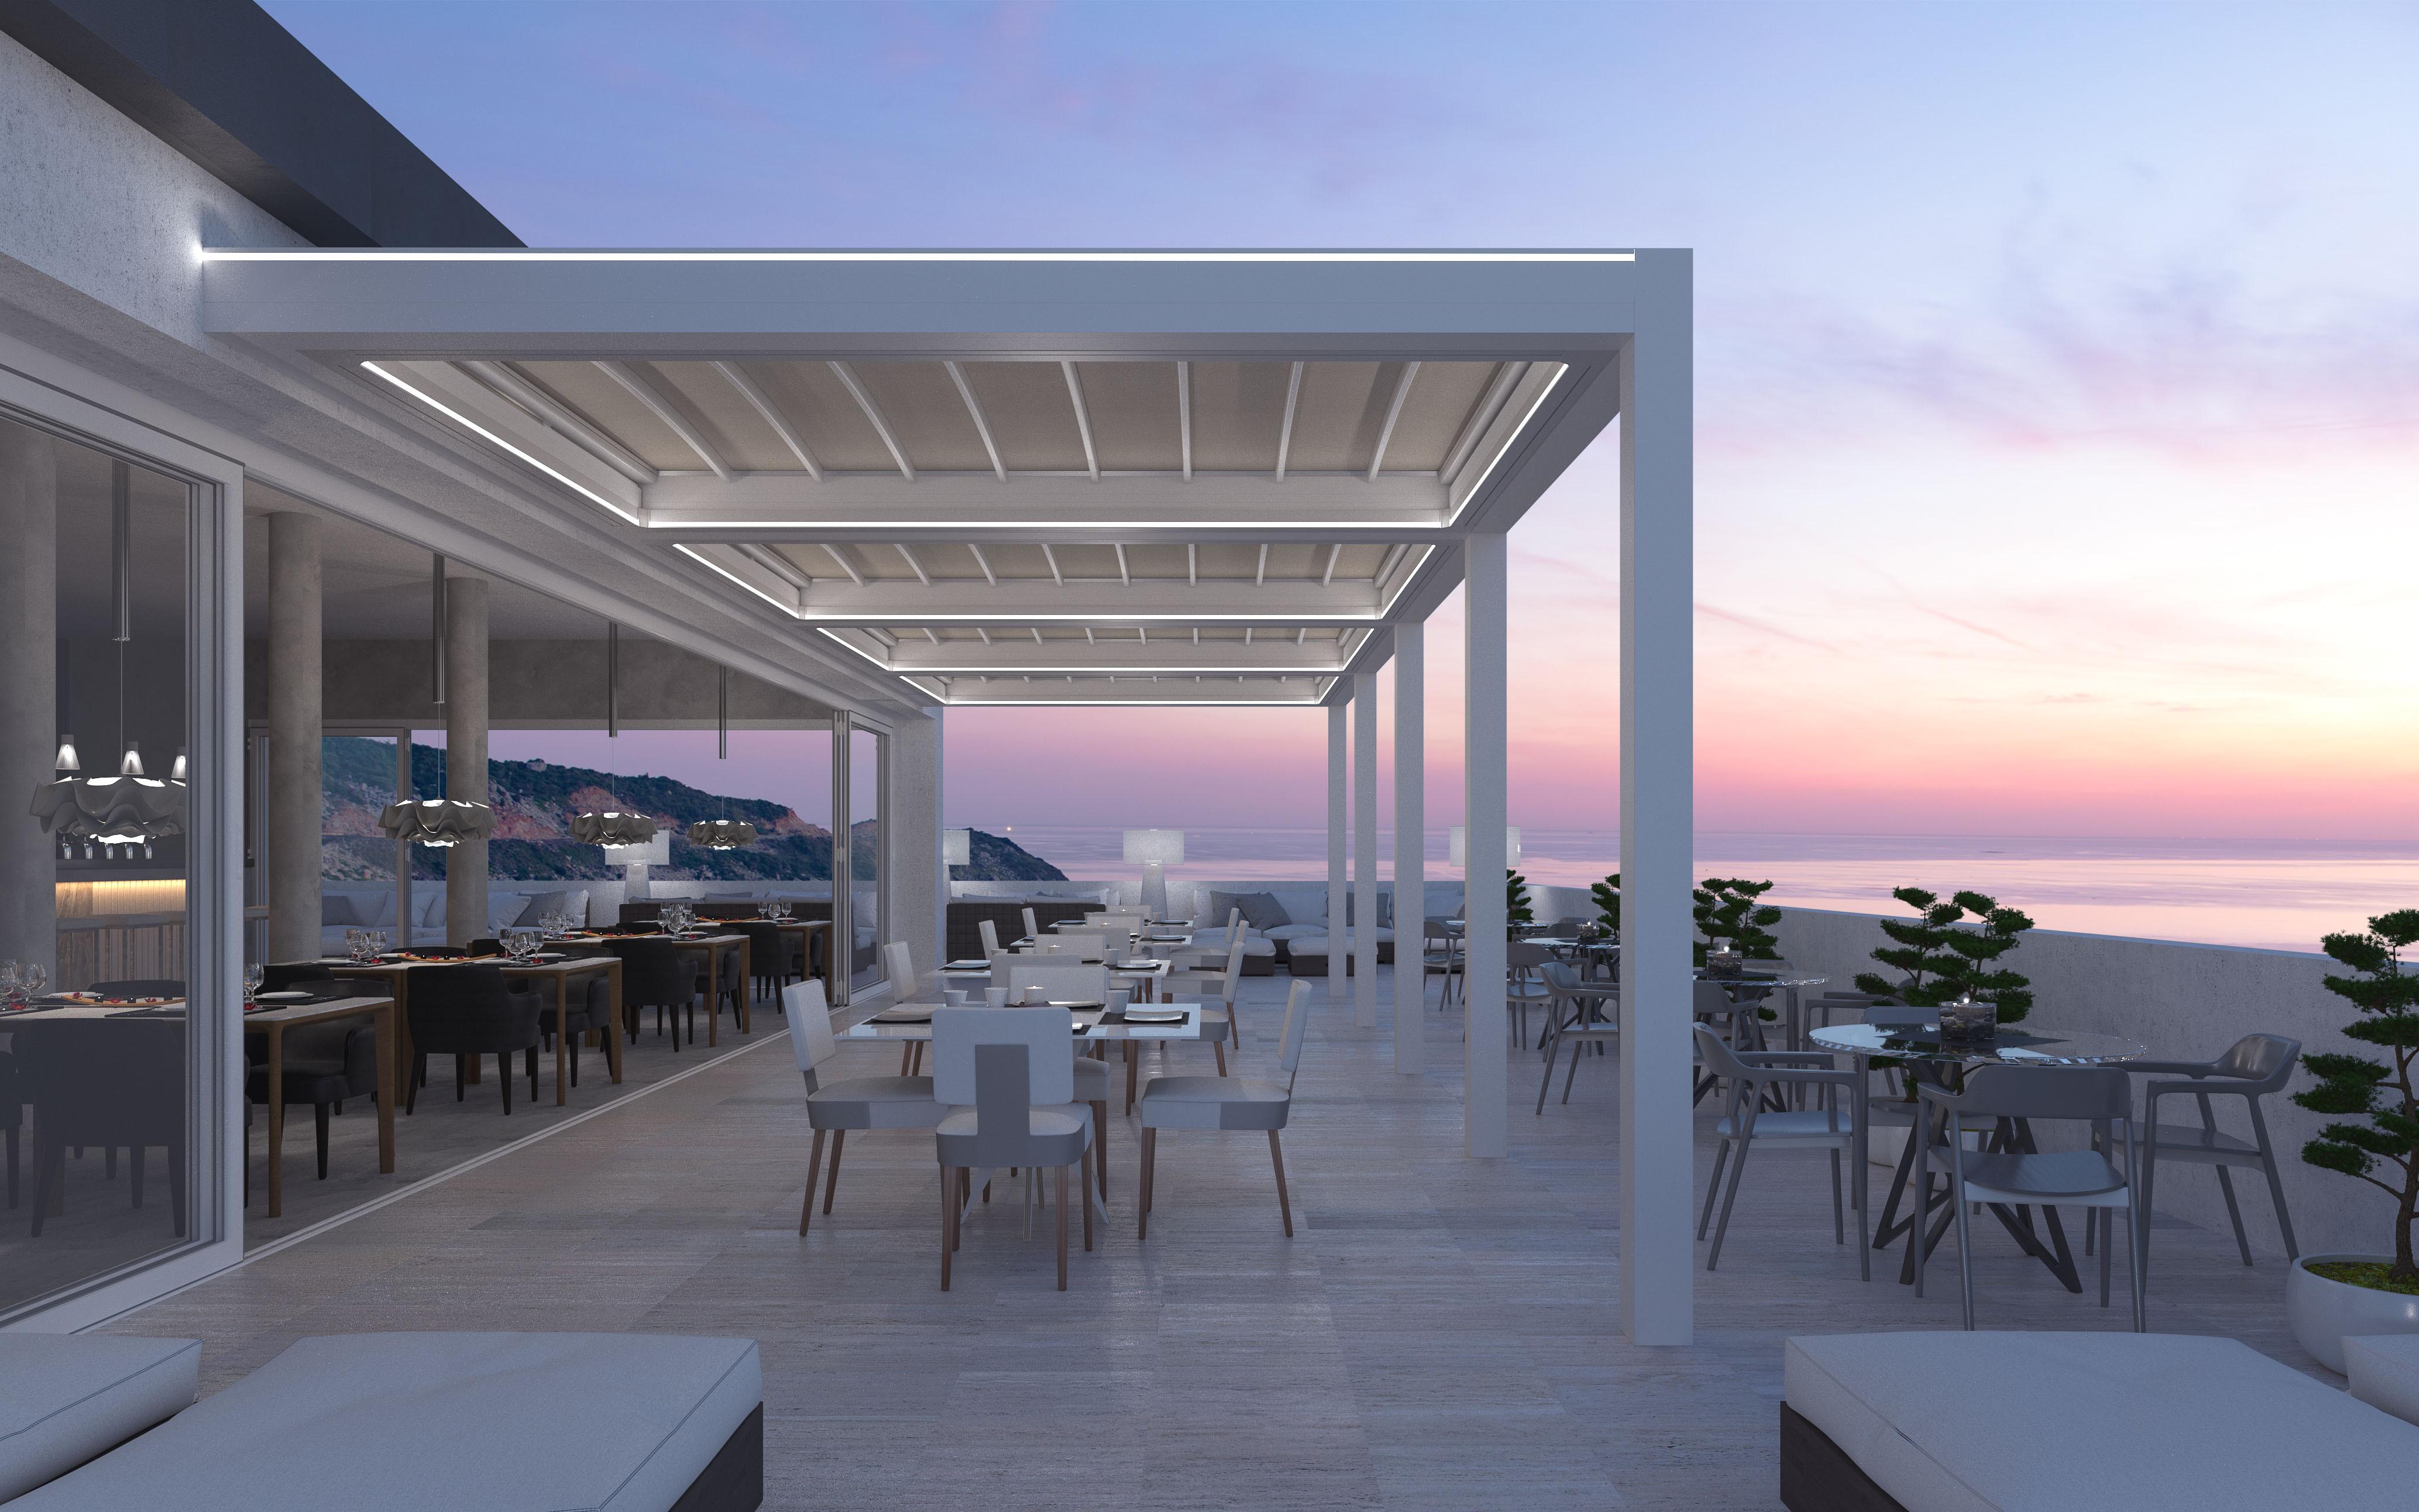 Perseus - Restaurant in Greece